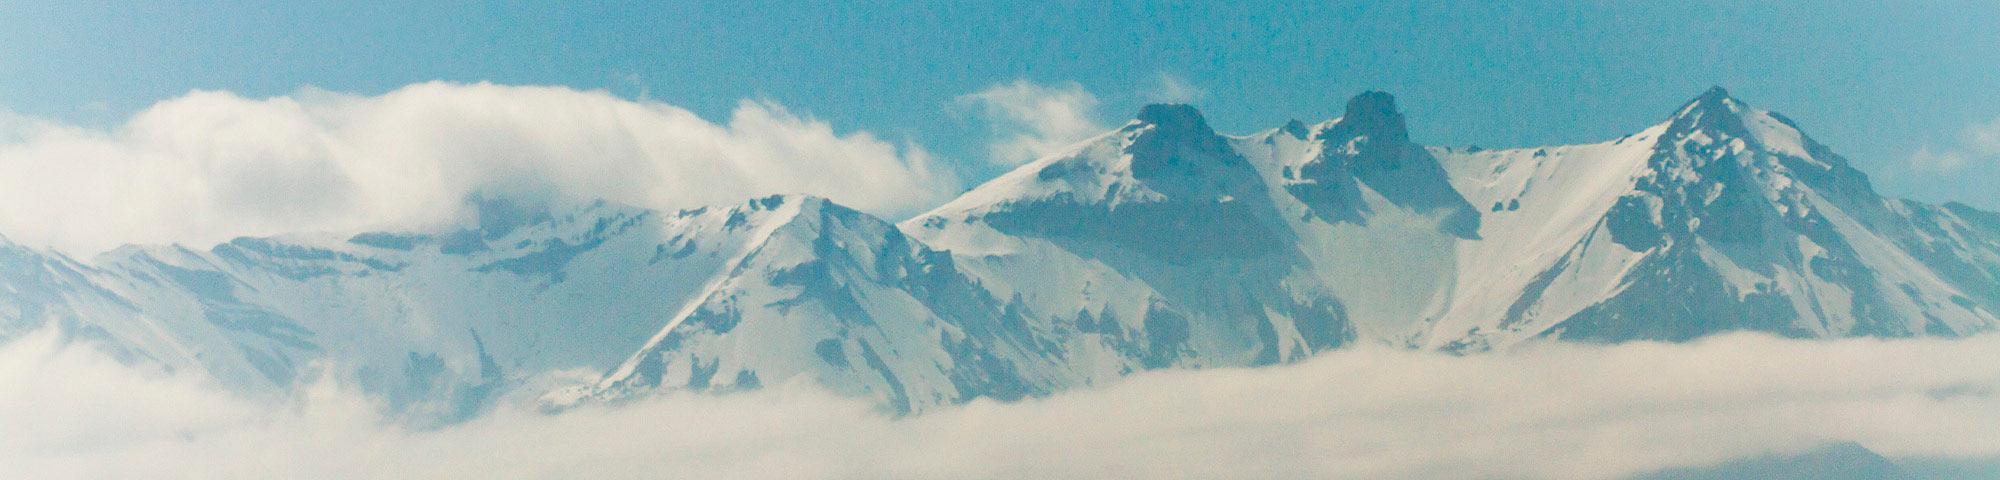 Arequipa: Guías de montaña escalaron el volcán Pichu Pichu por el Día Mundial del Turismo